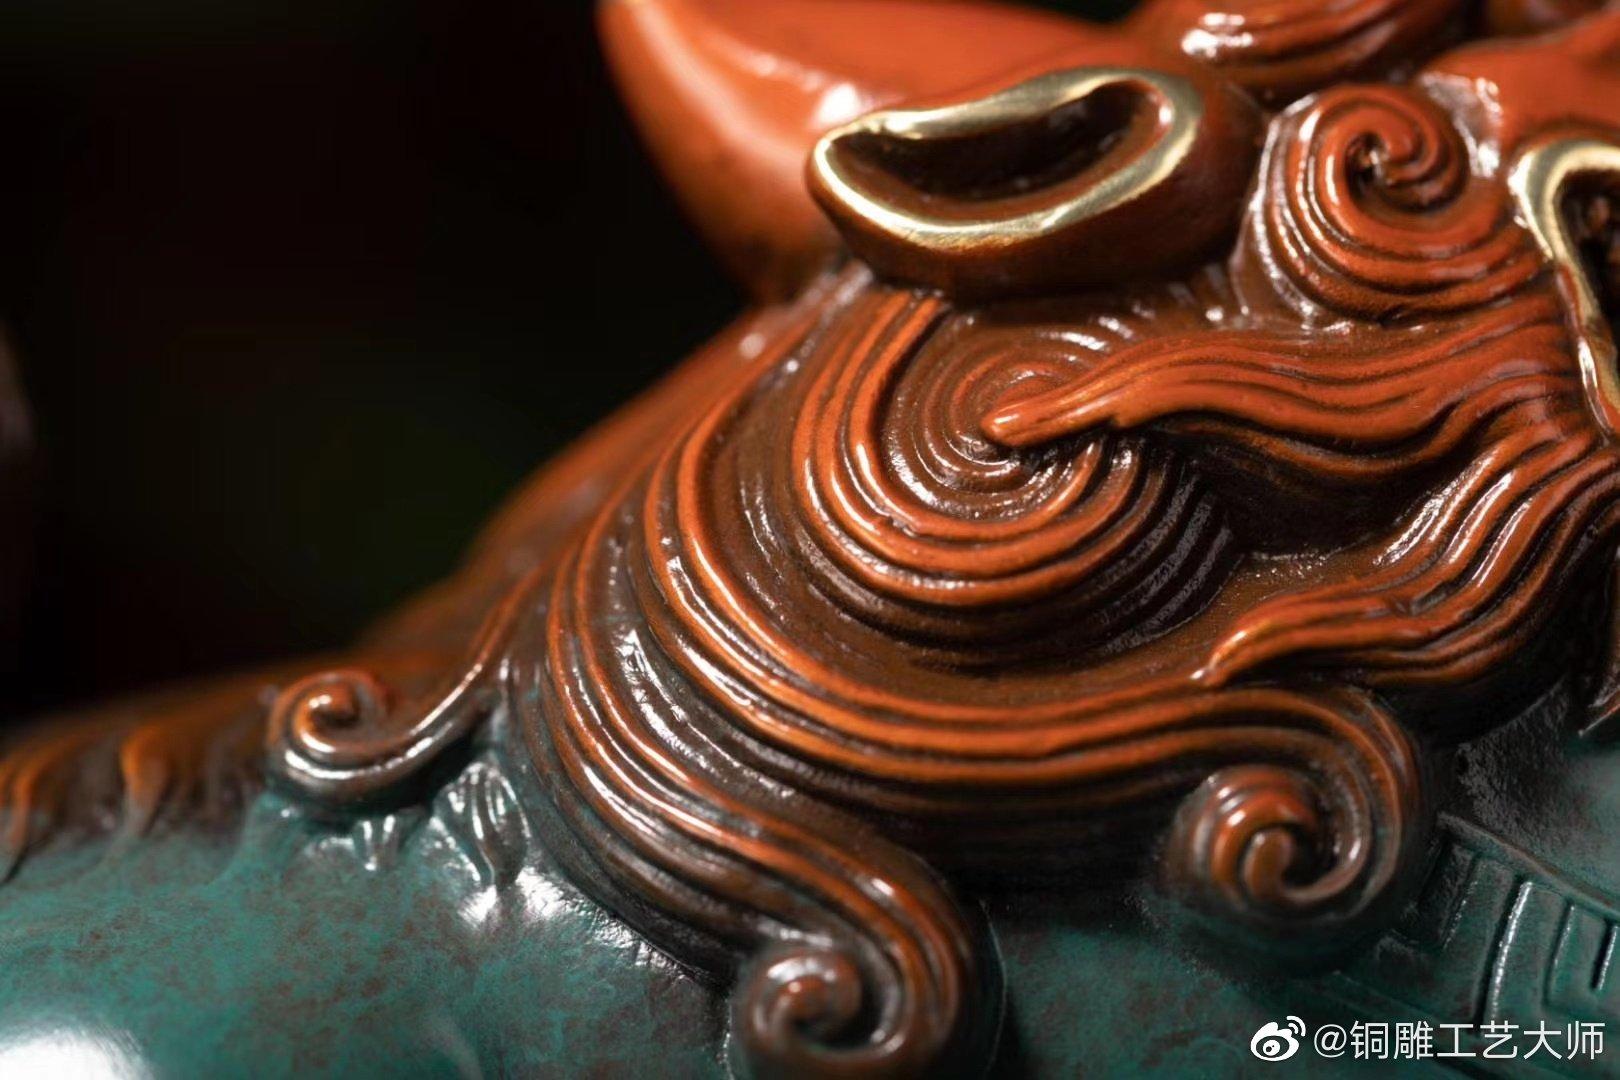 朱炳仁·铜的貔貅不仅漂亮,还特旺财